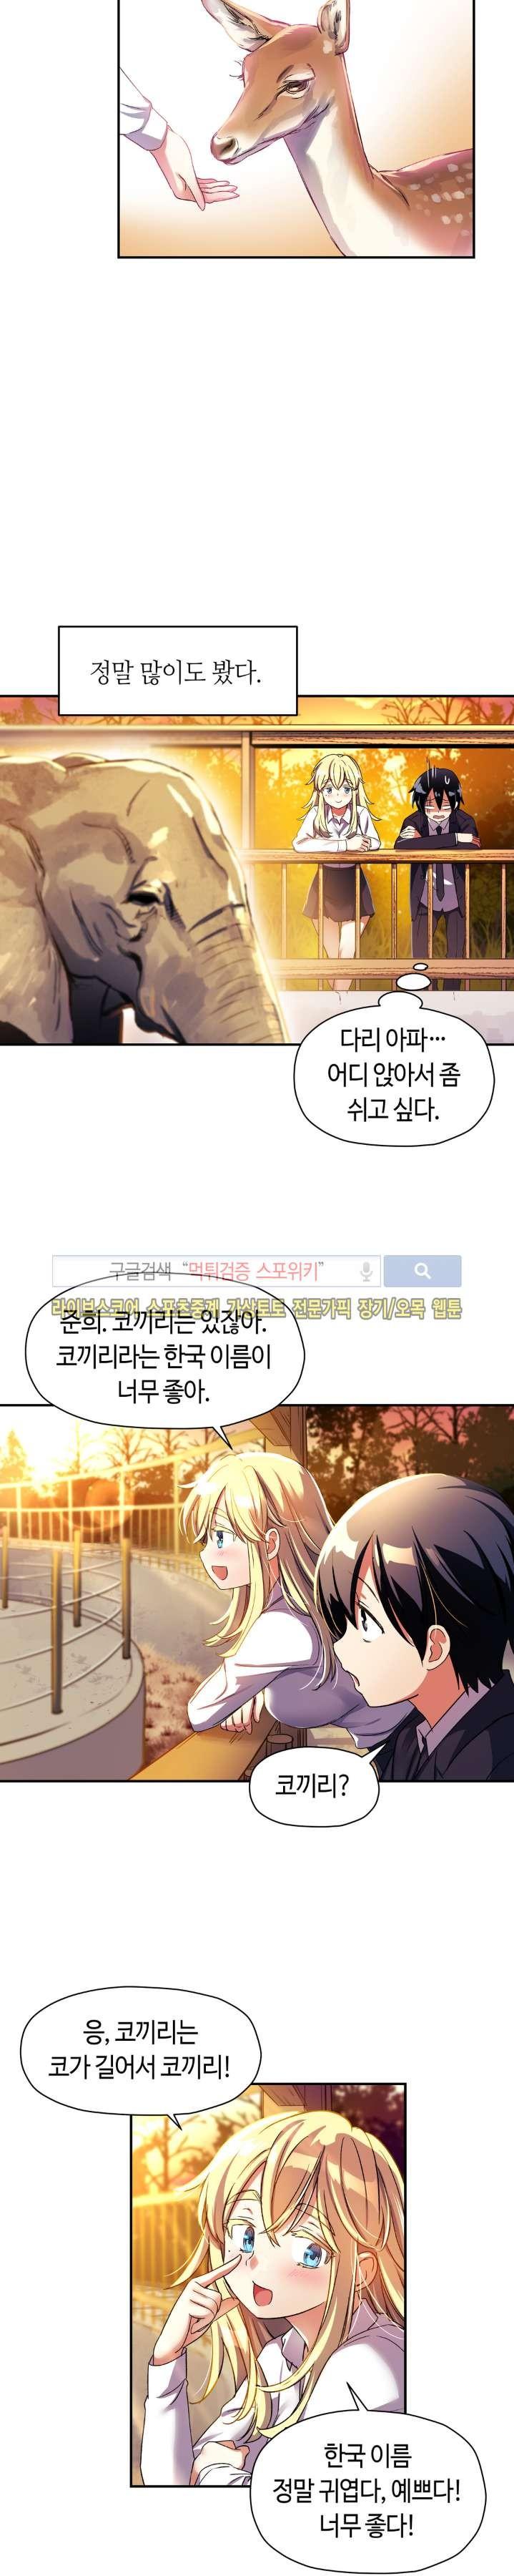 韓国 初恋 モルモット みんなのレビューと感想「初恋モルモット」(ネタバレ非表示)